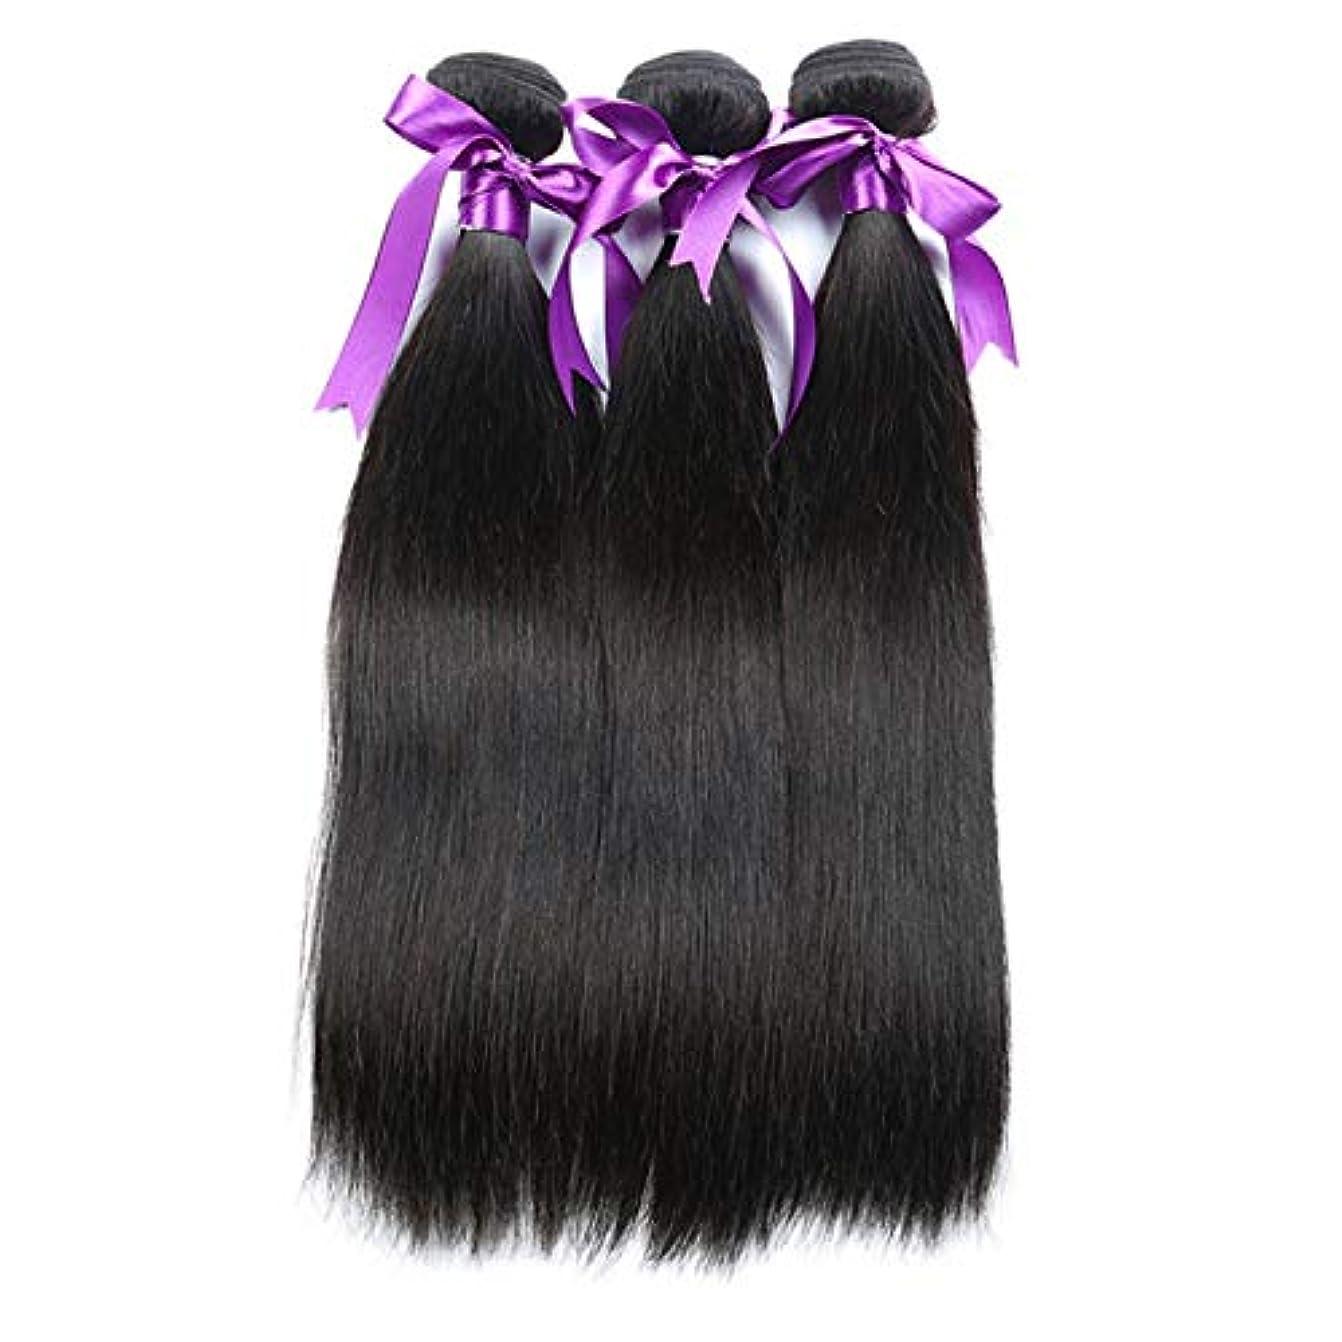 到着形容詞満員髪ペルーストレートヘア3個人毛バンドル非Remyヘアエクステンション8-28インチ (Length : 12 14 14)